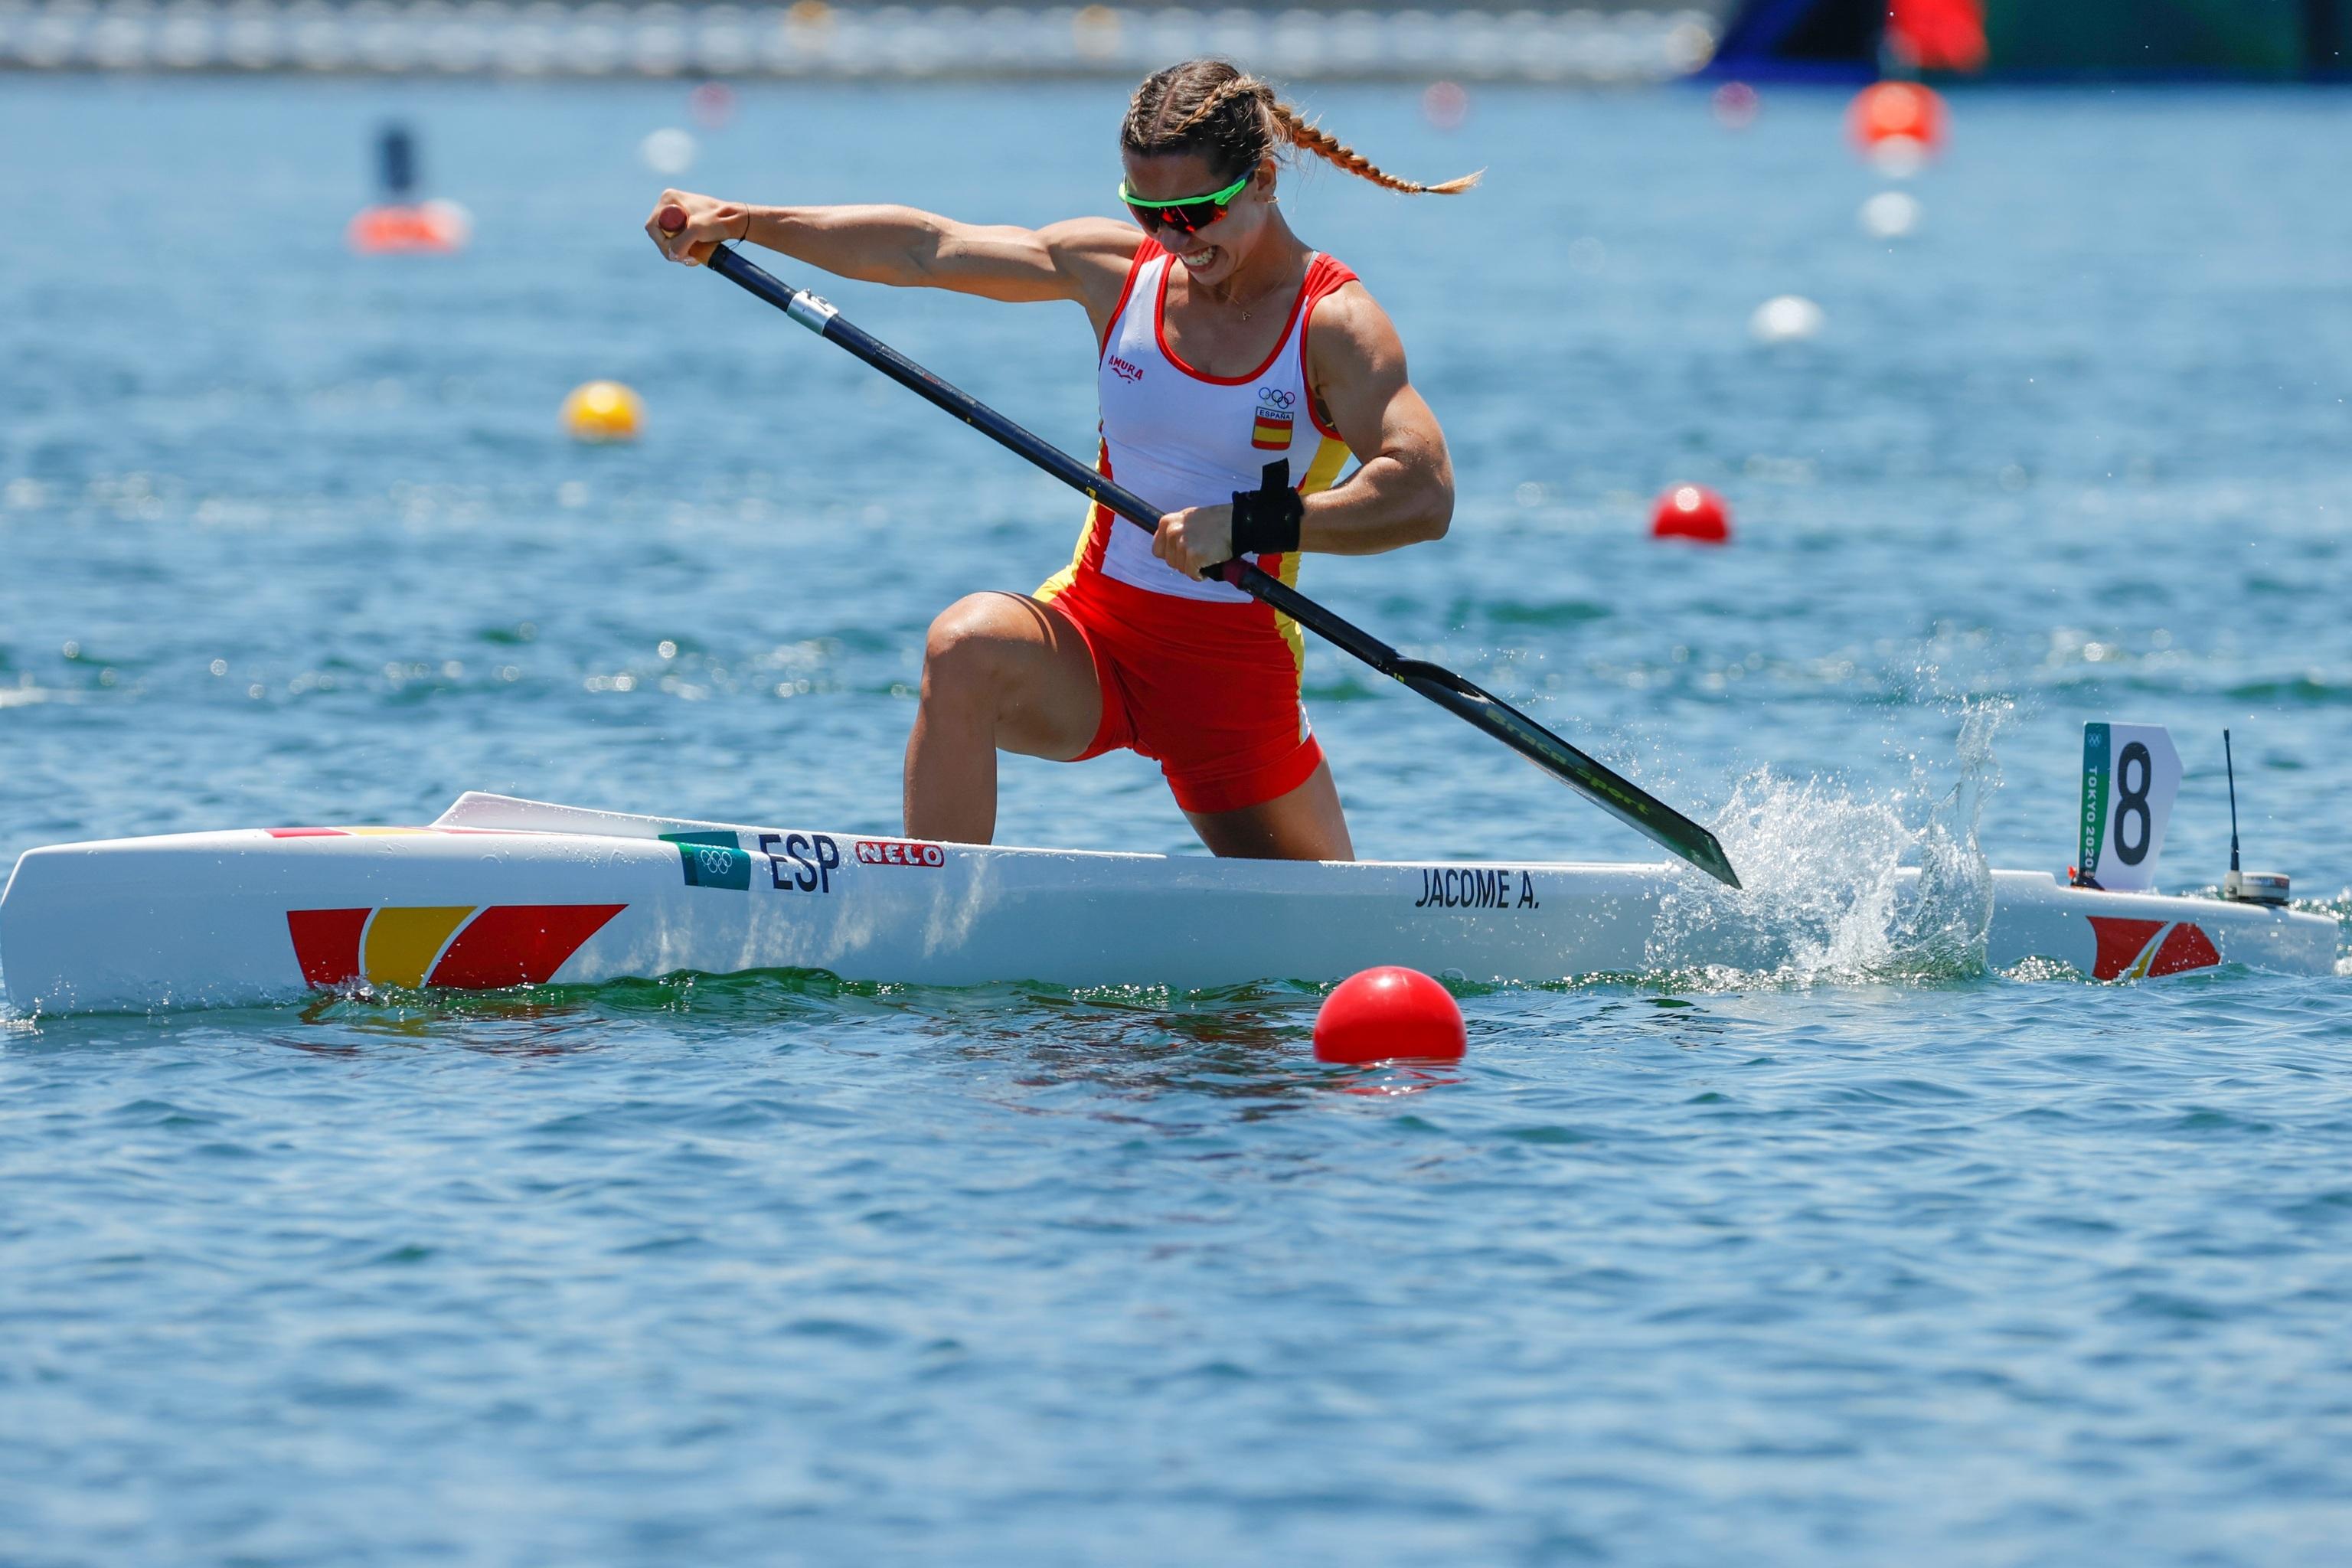 Antía Jacome, en el C1 200 de los Juegos.